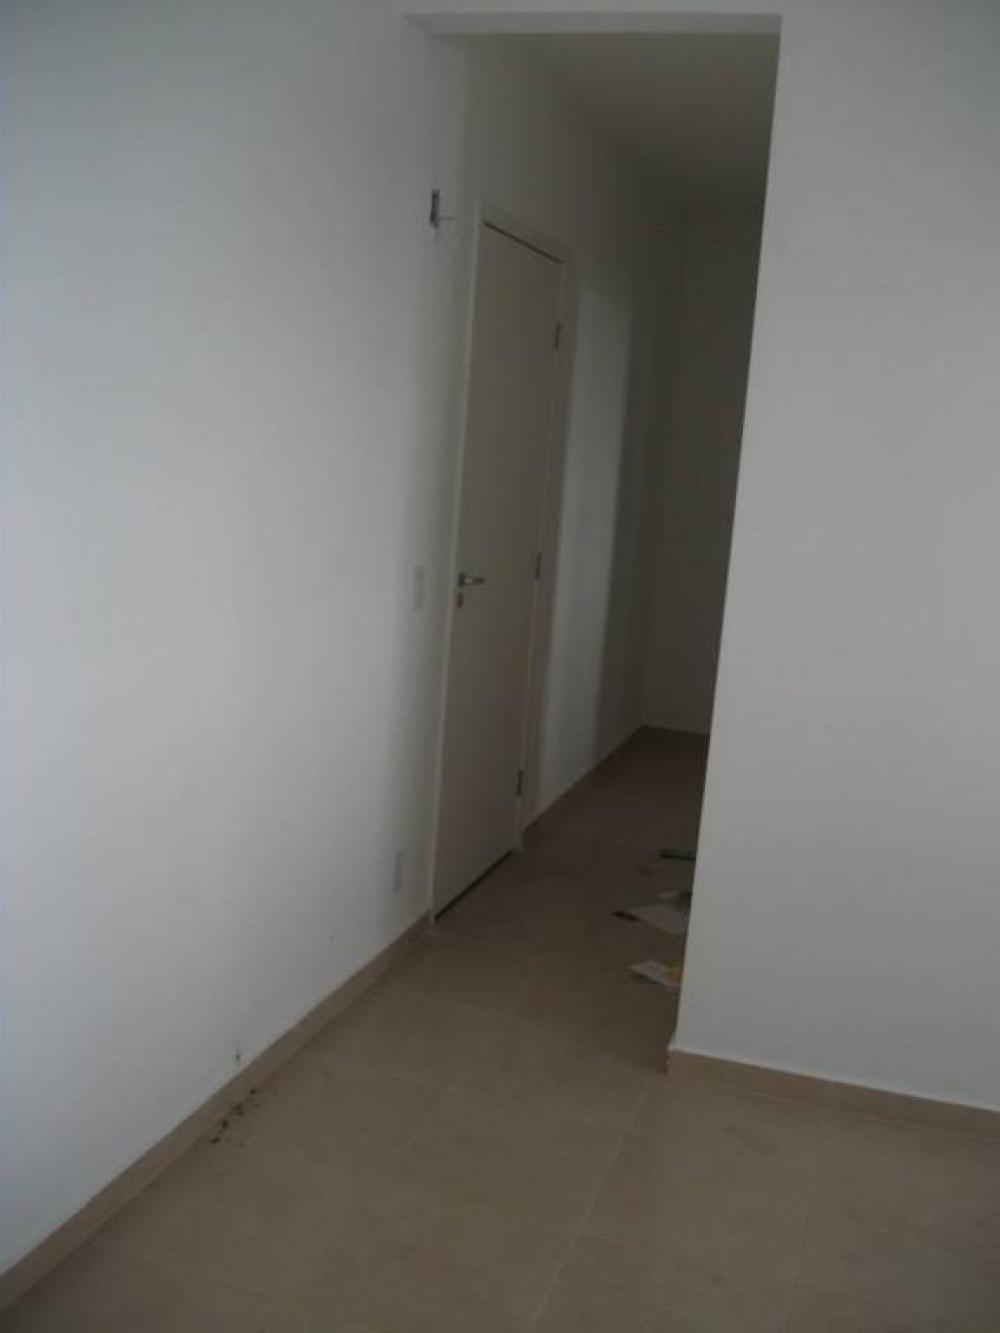 Comprar Apartamento / Padrão em São José do Rio Preto apenas R$ 130.000,00 - Foto 15